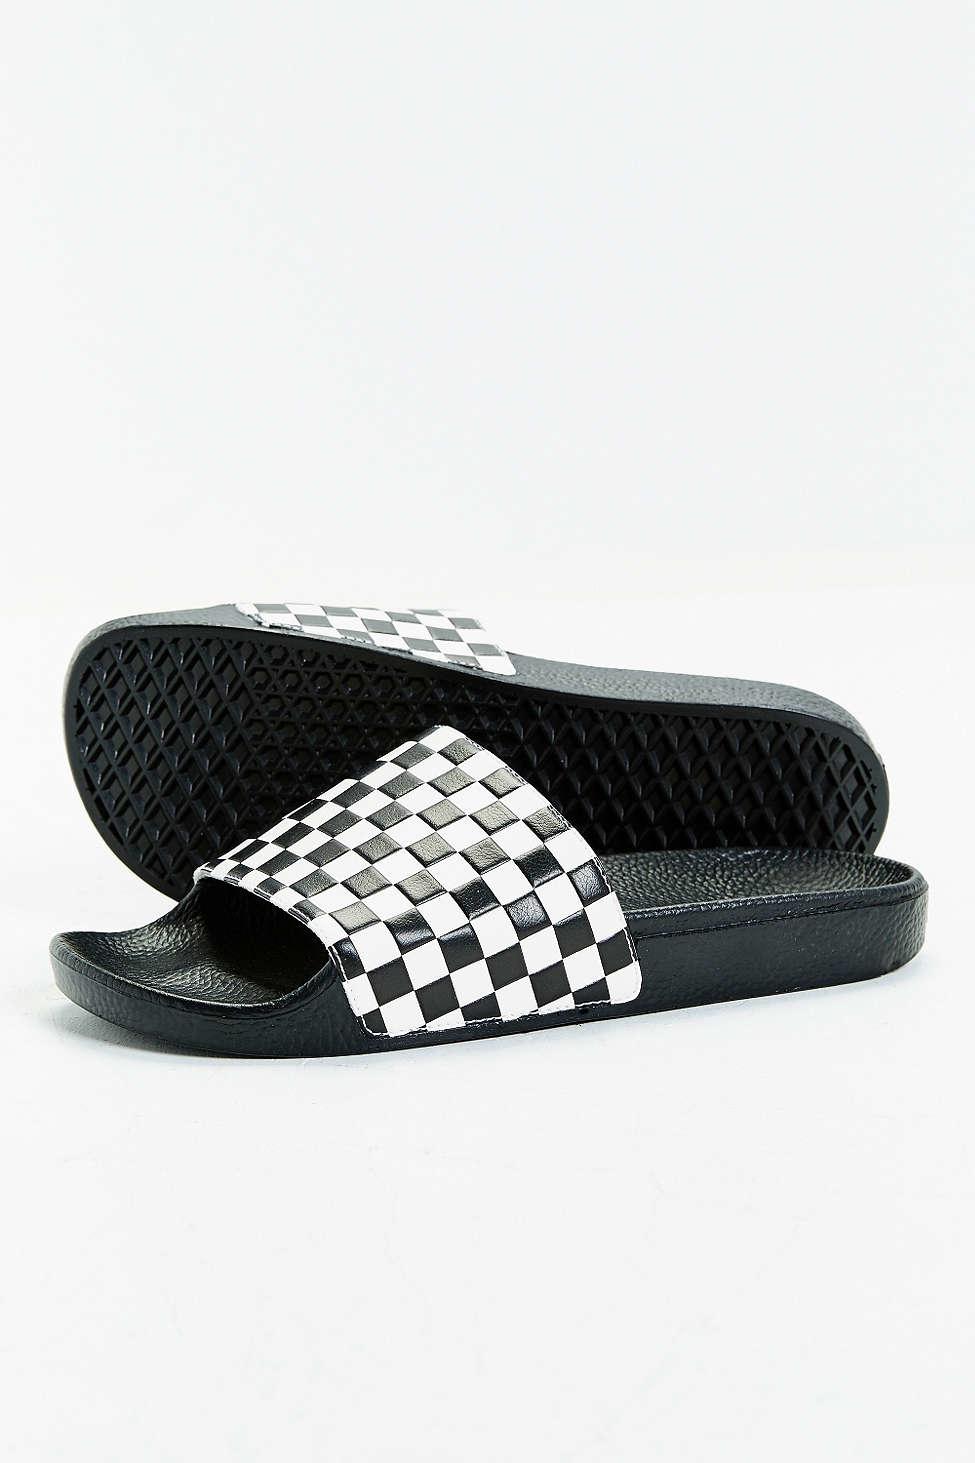 c025de195fec Lyst - Vans Slide-on Checkerboard Sandal in White for Men